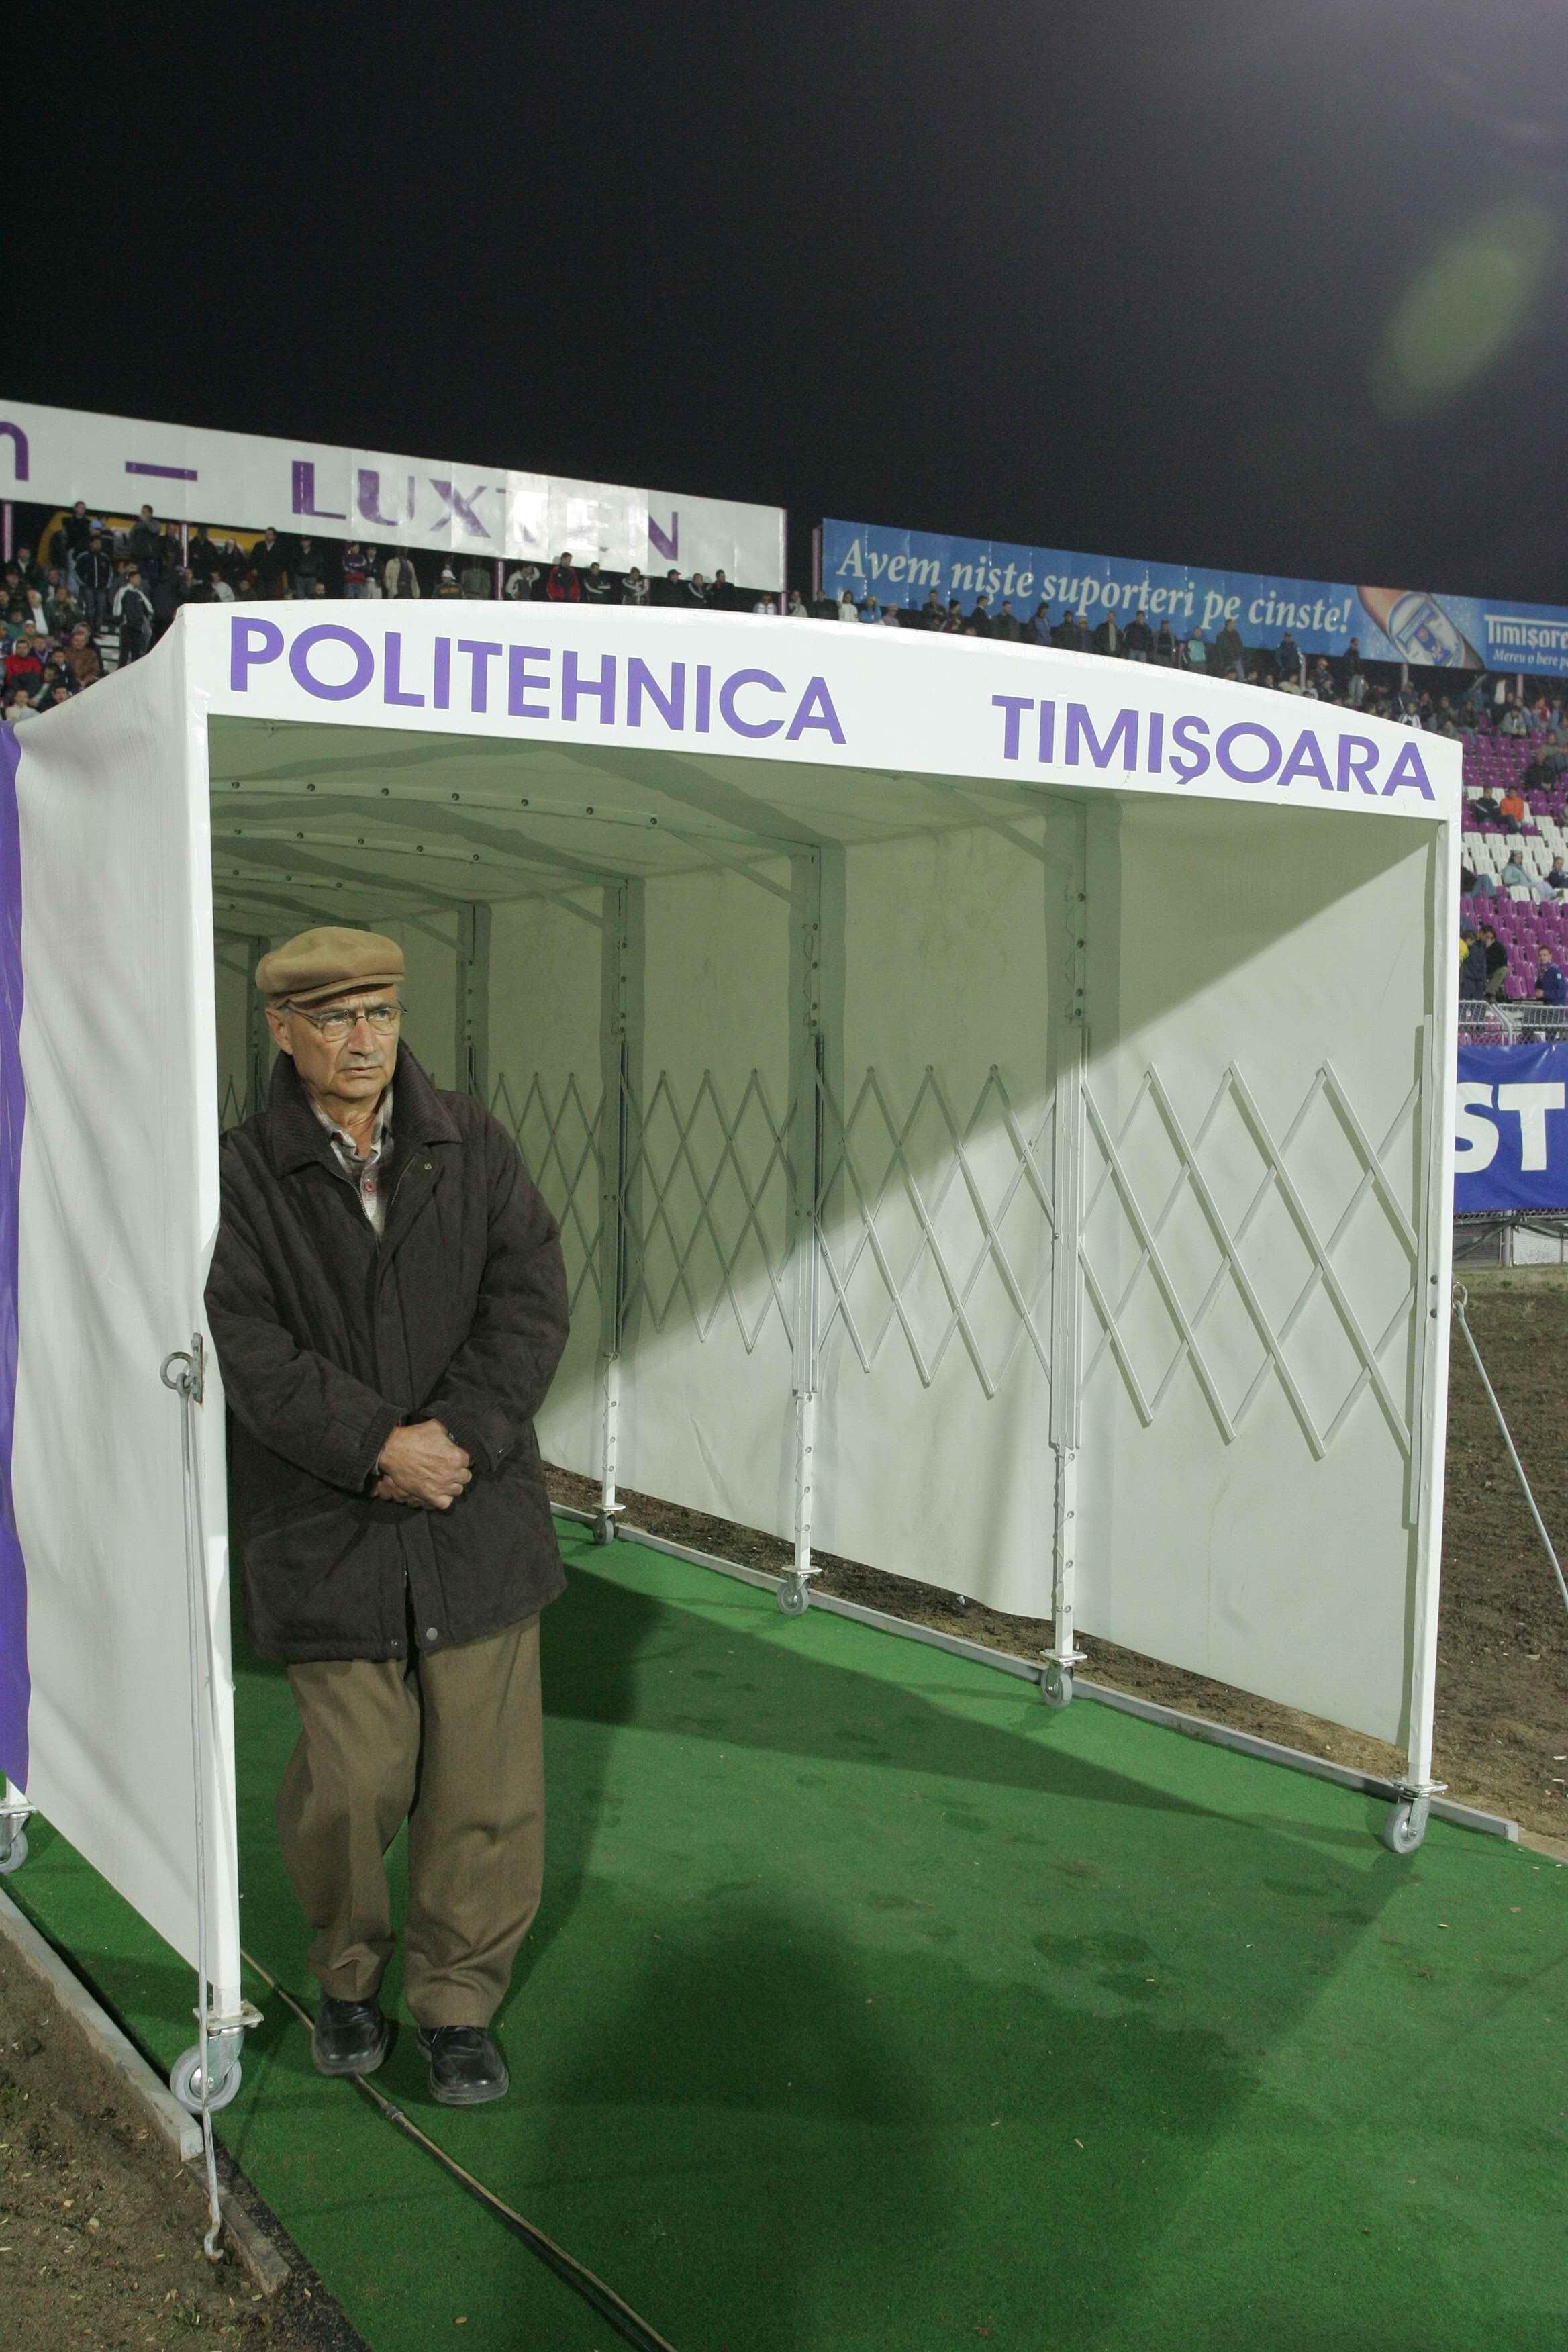 """Jackie Ionescu deplange starea clubului sau de suflet: """"Poli e ca o valiza intr-o gara"""""""